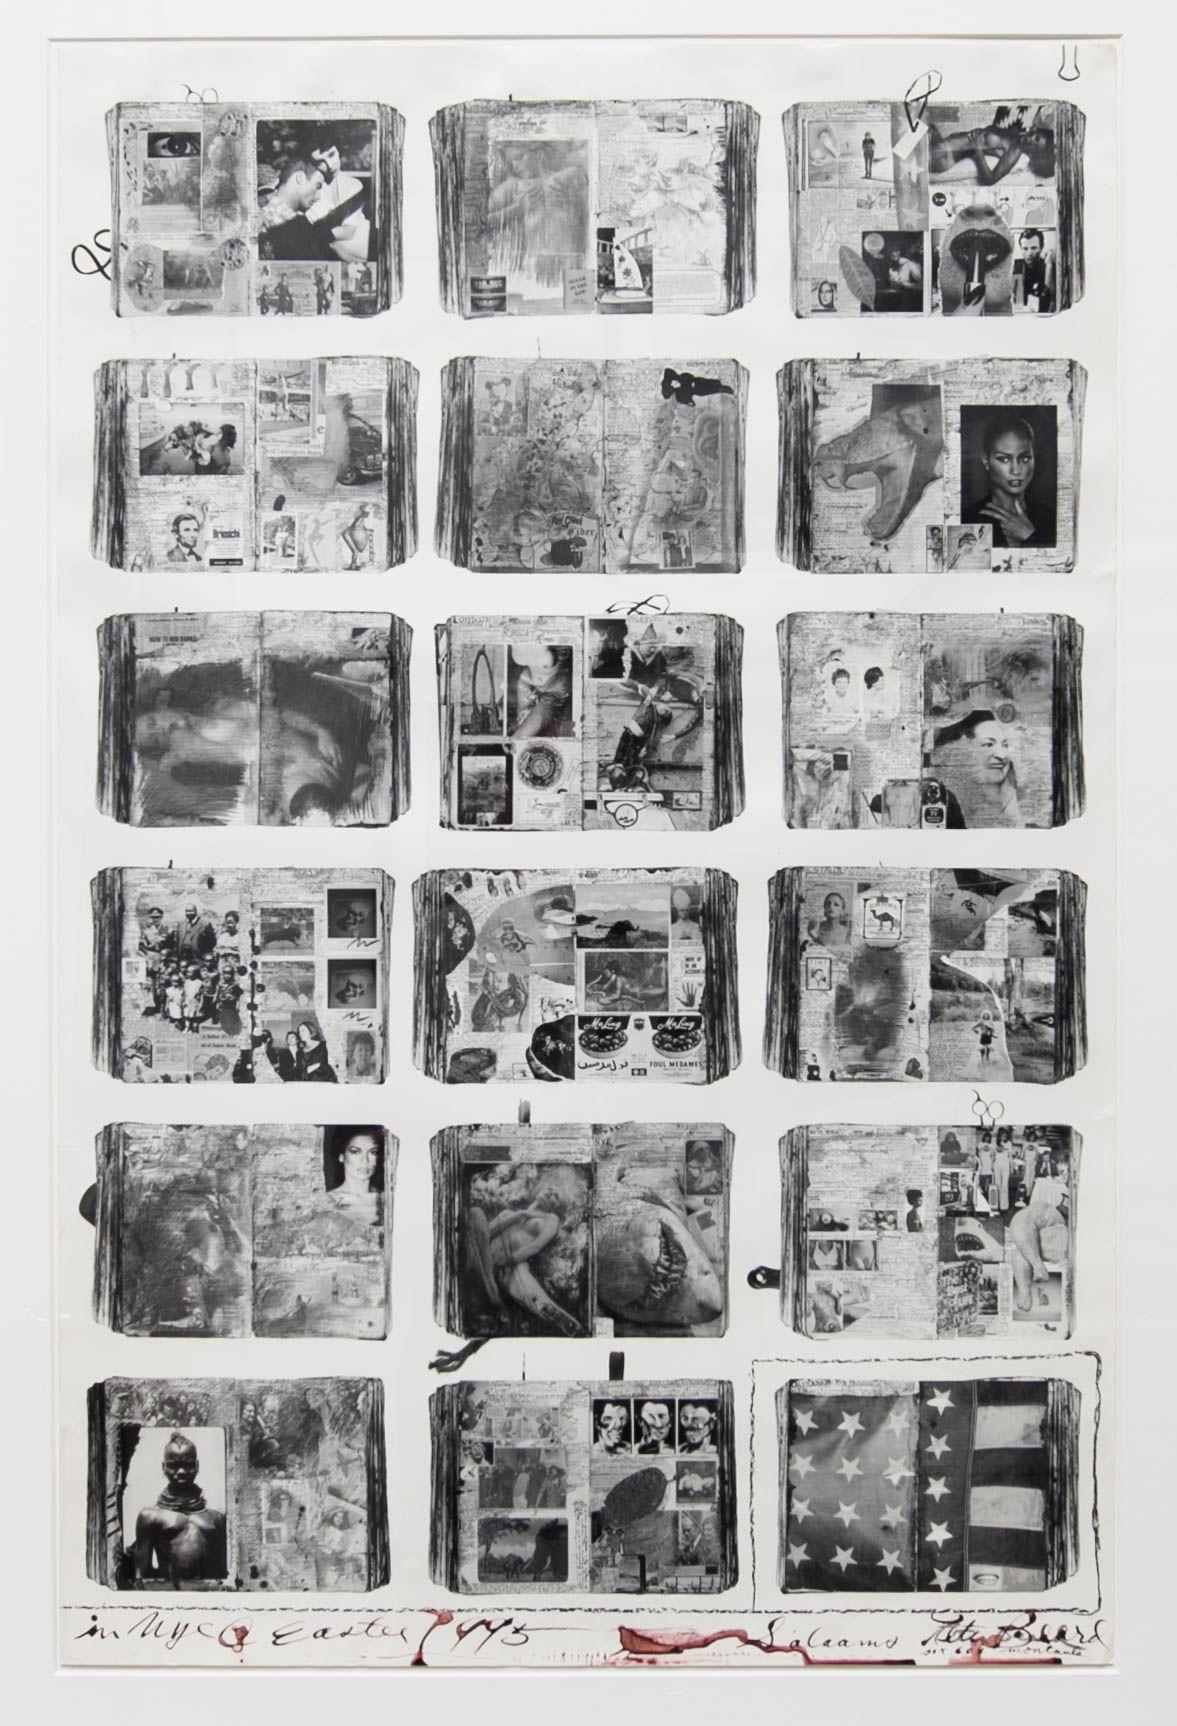 Peter Beard Bicentennial Diaries (A), 1996